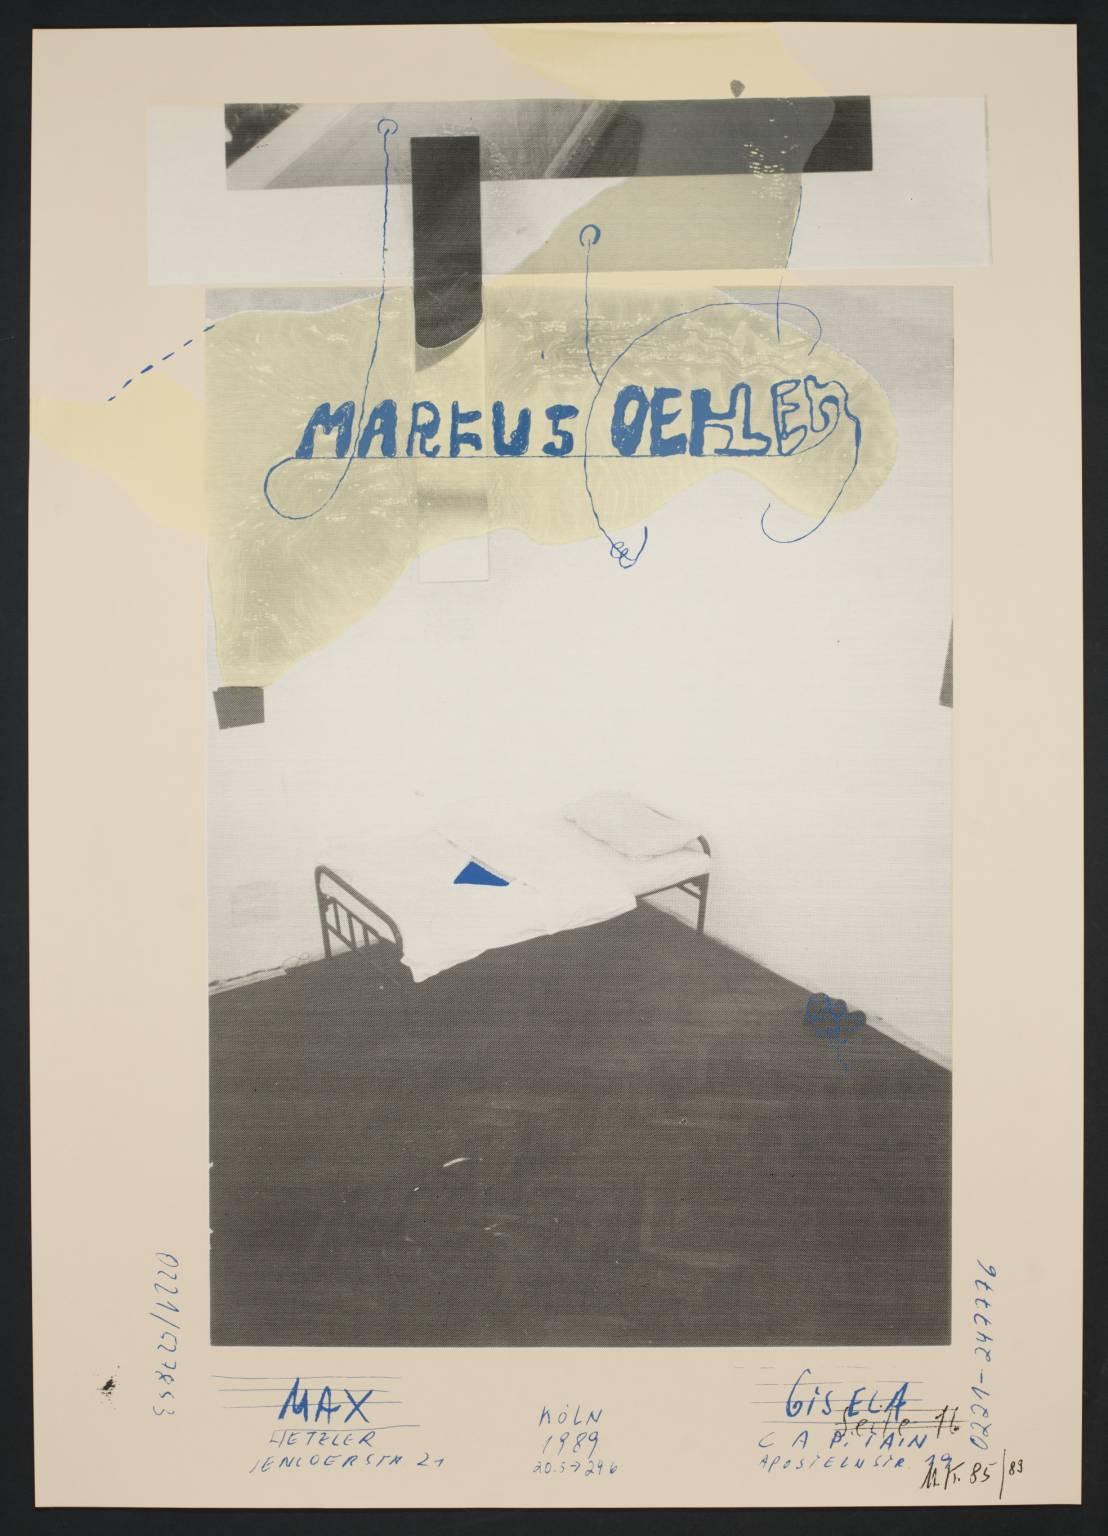 Markus Oehlen 1989 Martin Kippenberger 1953-1997 Purchased 2005 http://www.tate.org.uk/art/work/P79128